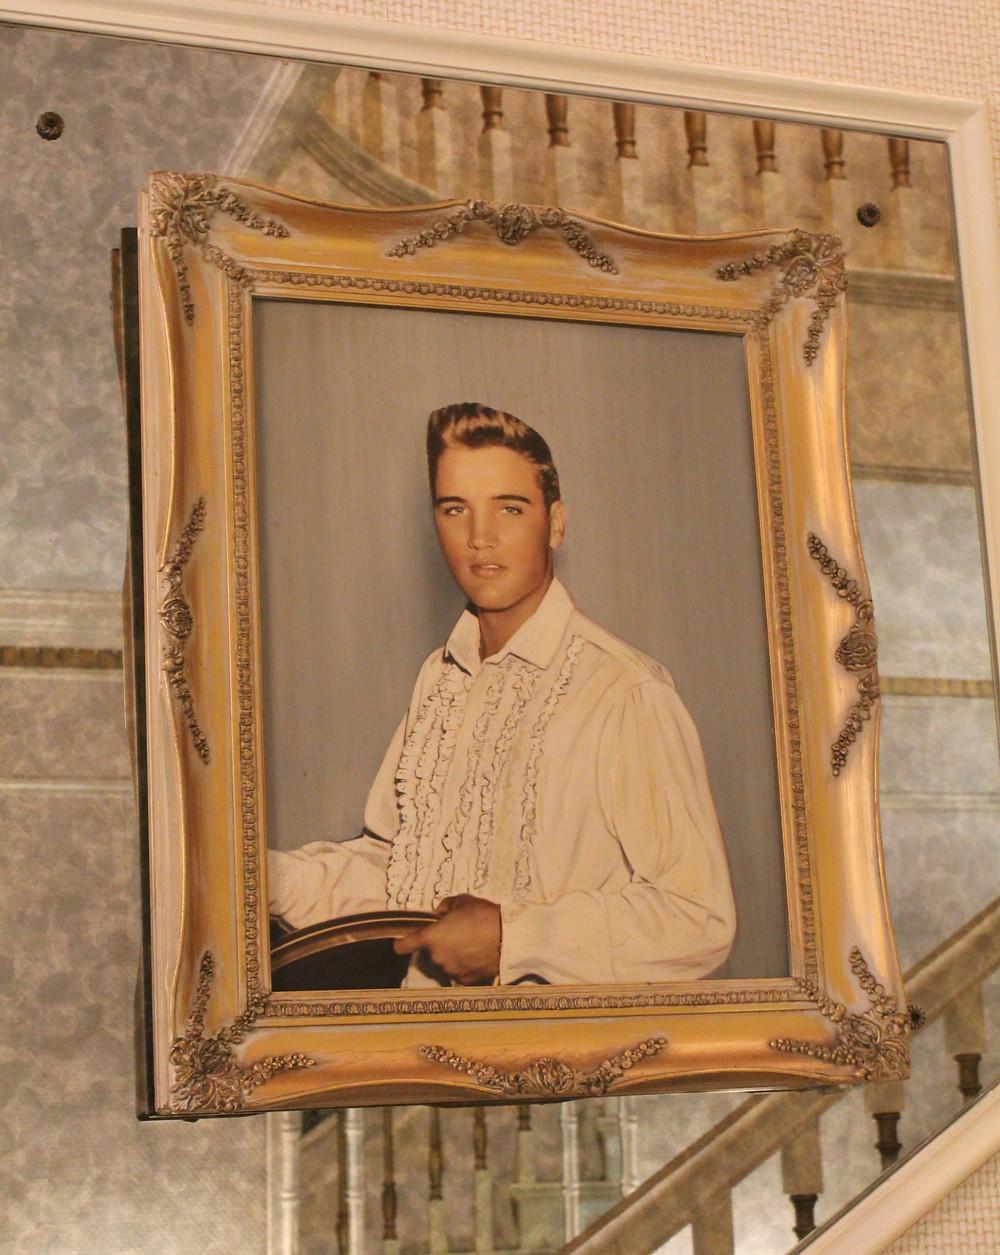 Retrato de Elvis Presley en su residencia en Memphis, Tennessee.